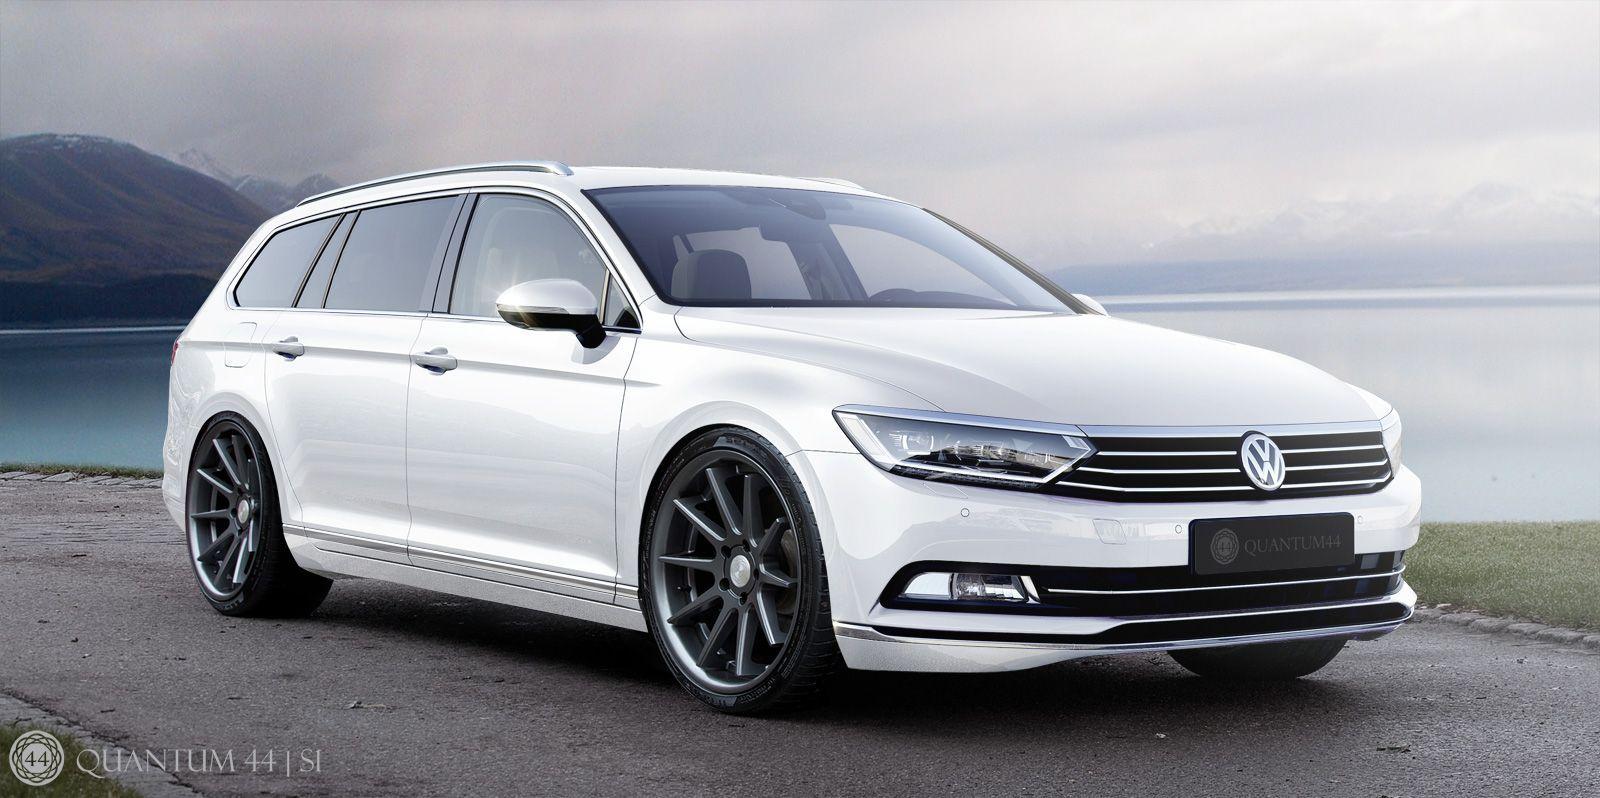 VolkswagenPassat Vw wagon, Car volkswagen, Vw passat